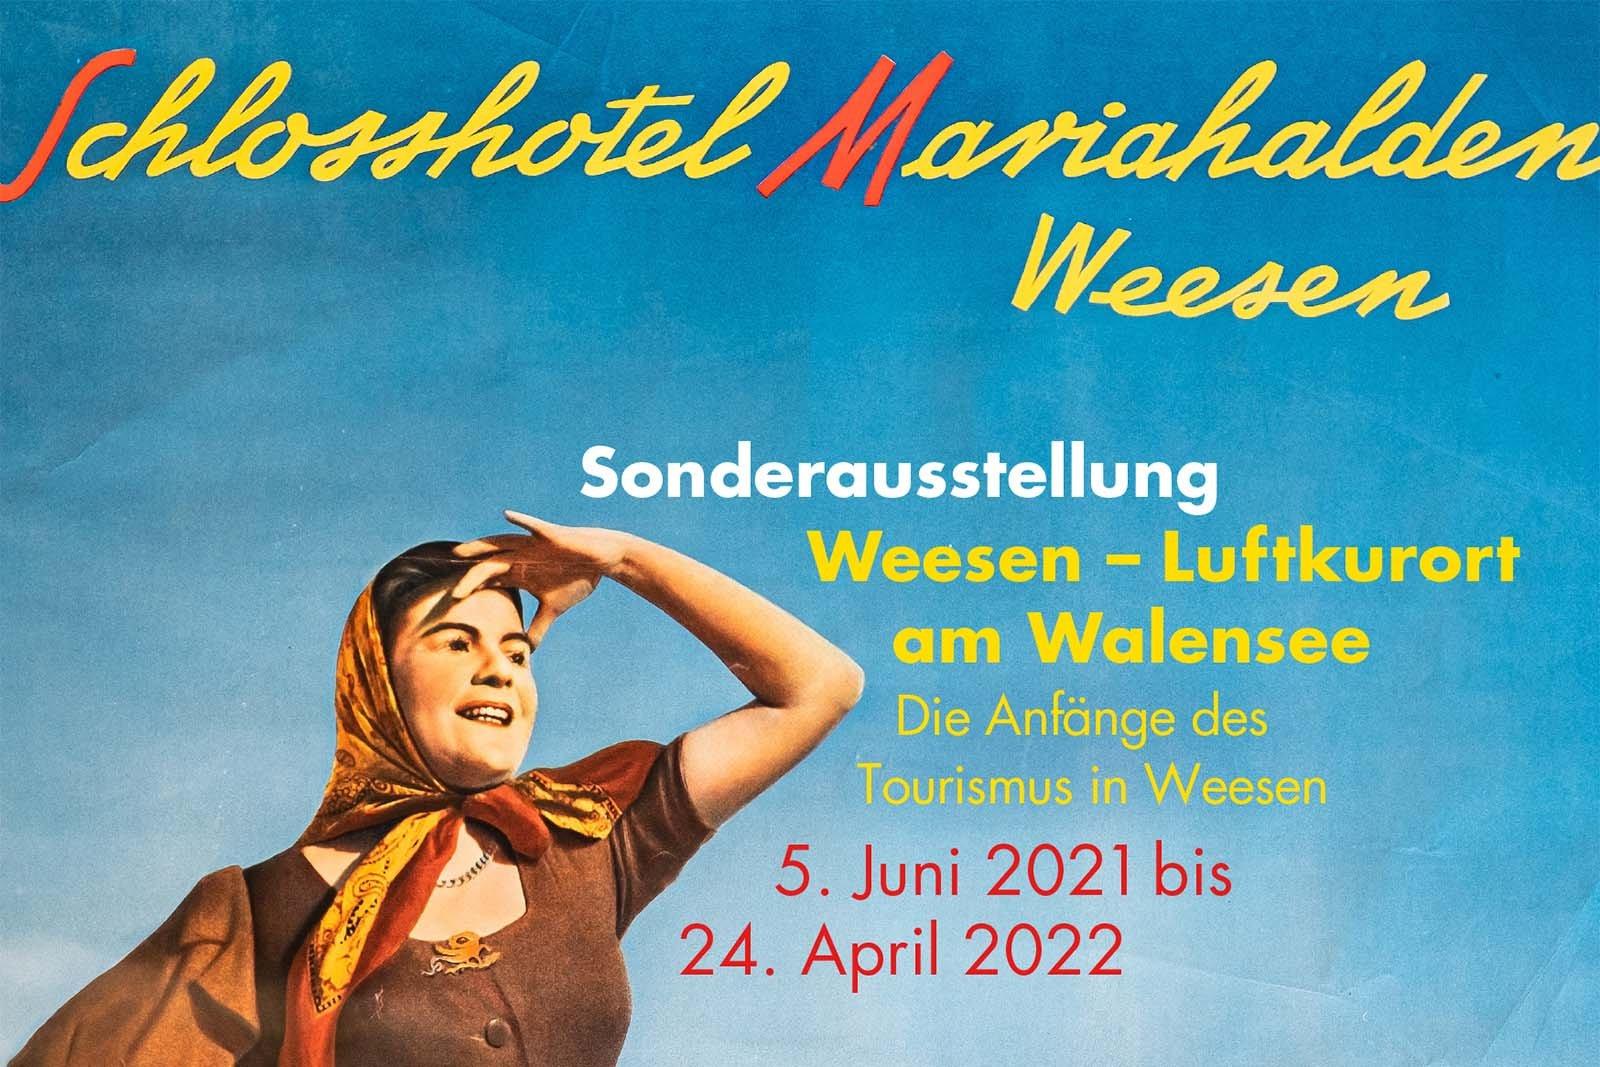 Ausschnitt Plakat Schlosshotel Mariahalden Weesen